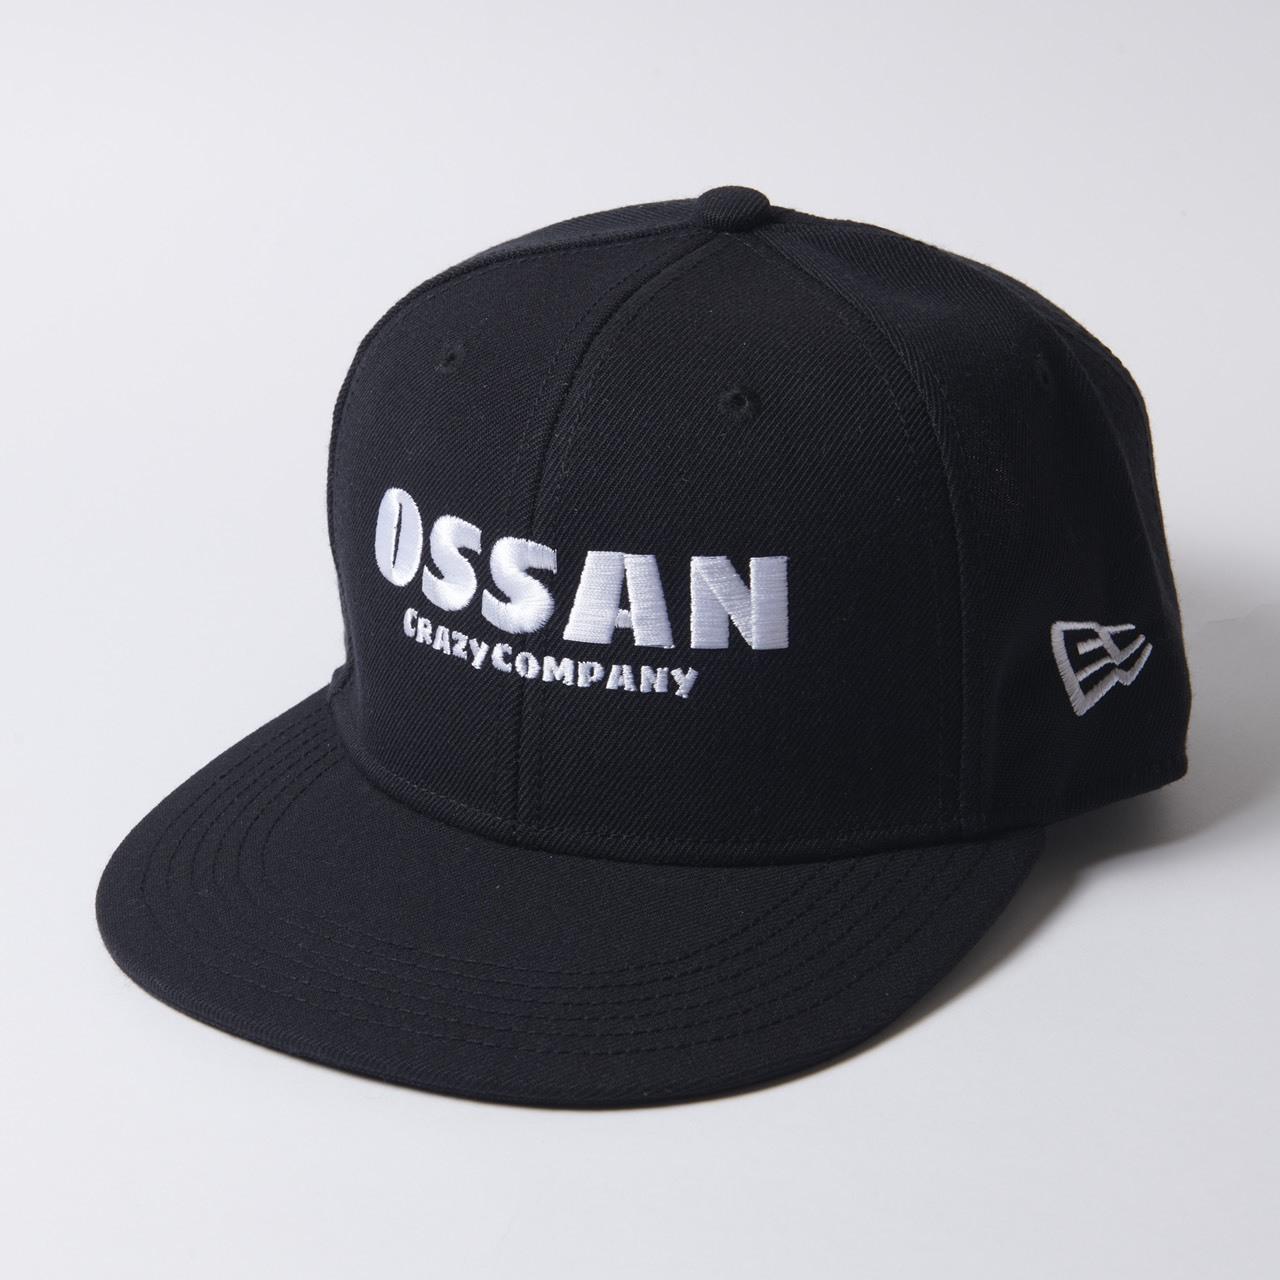 「OSSAN」を被って「おっさん」を誇ろう!